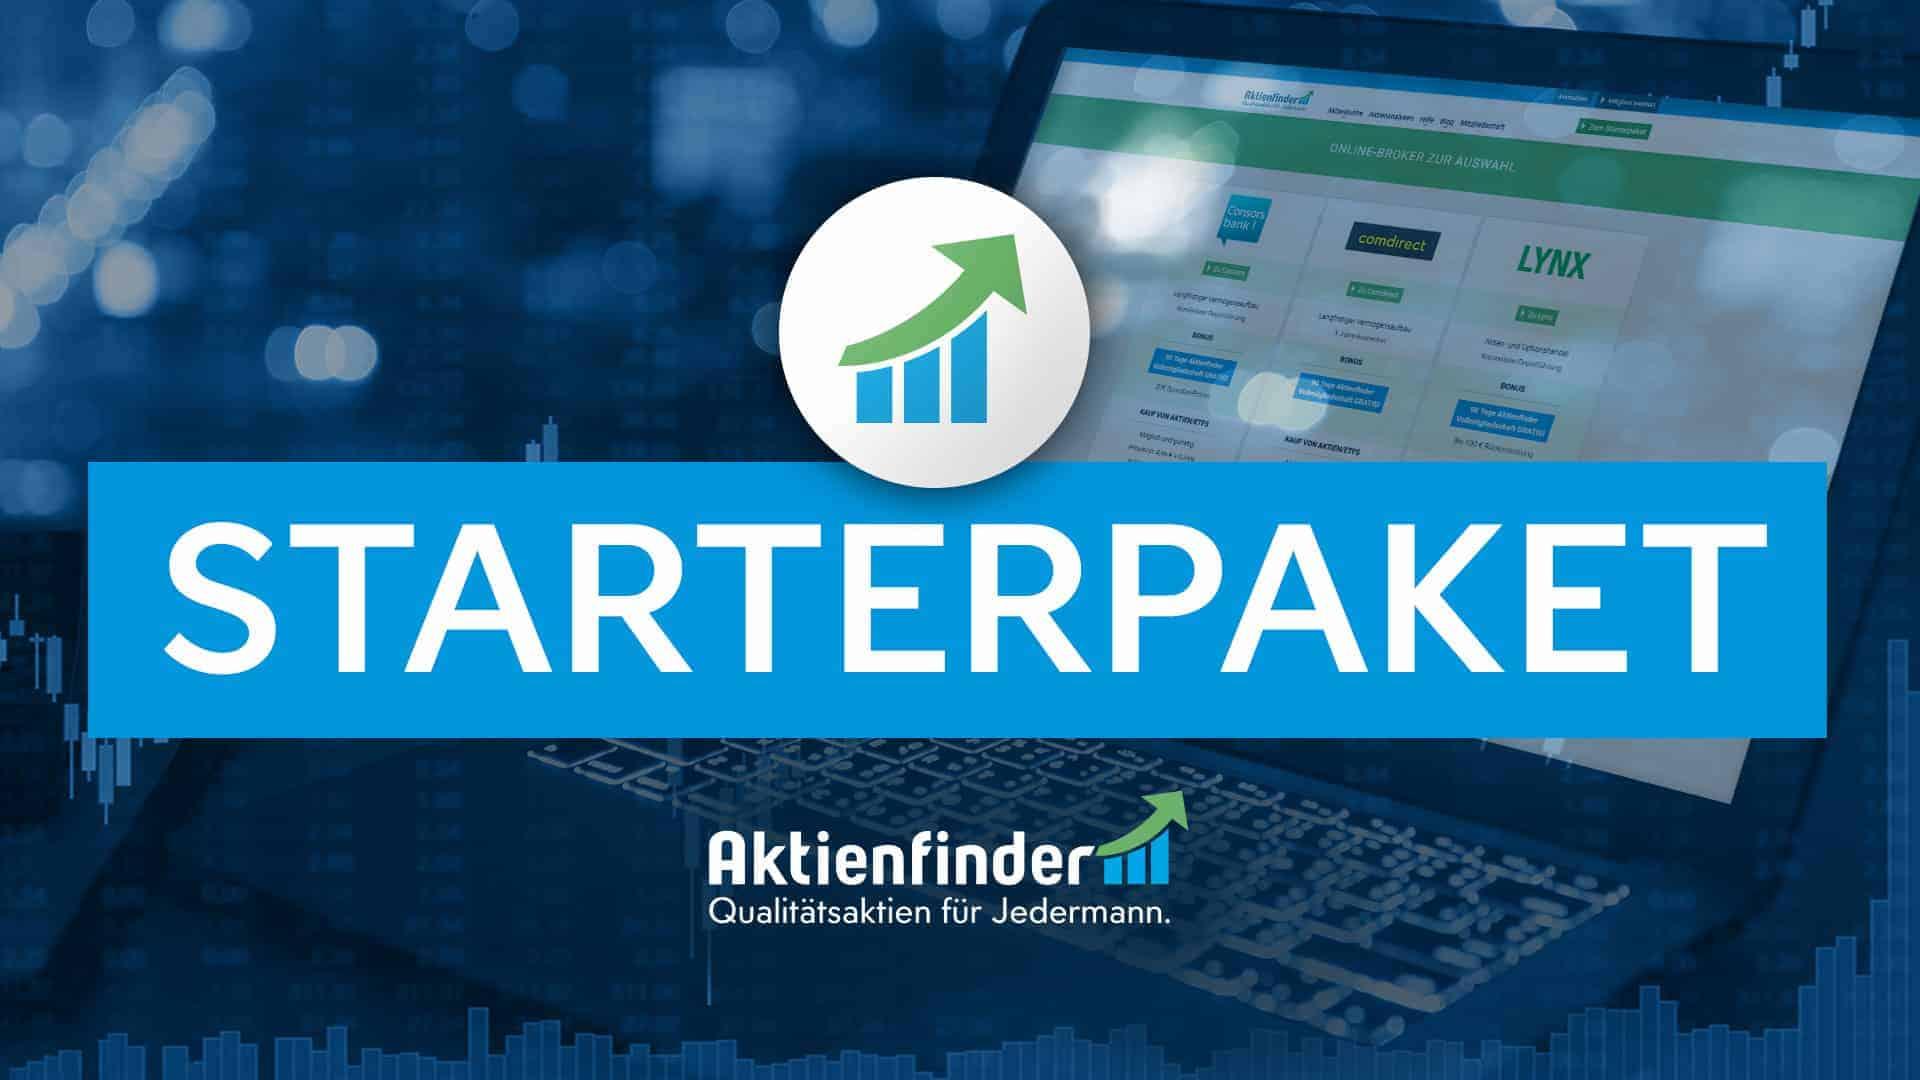 Ihr Starterpaket mit Online-Broker und kostenloser Vollmitgliedschaft im Aktienfinder, um von langfristig steigenden Kursen und Dividenden zu profitieren.